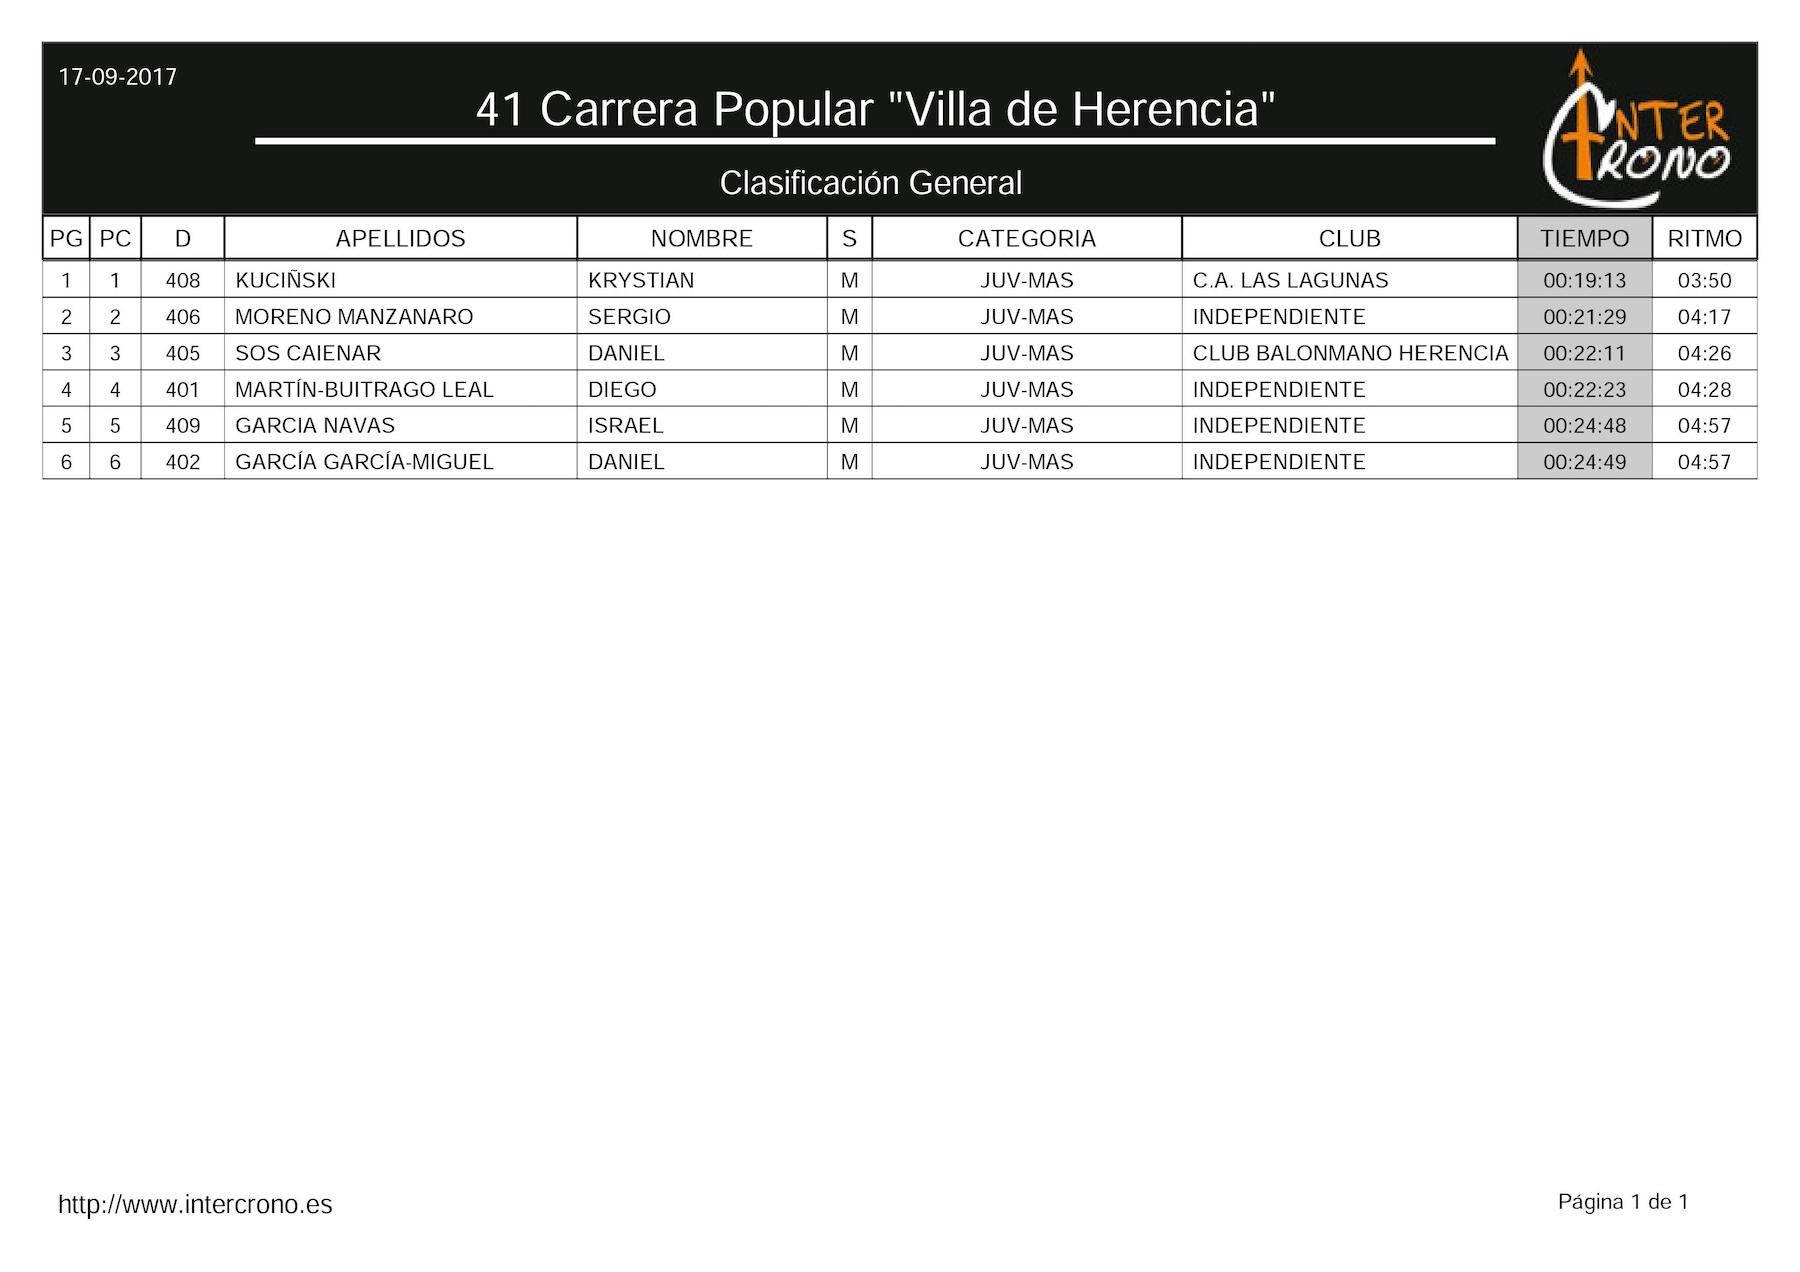 """clasificacion juvenil 41 carrera popular herencia cr - Clasificaciones en 41 Carrera Popular """"Villa de Herencia"""""""